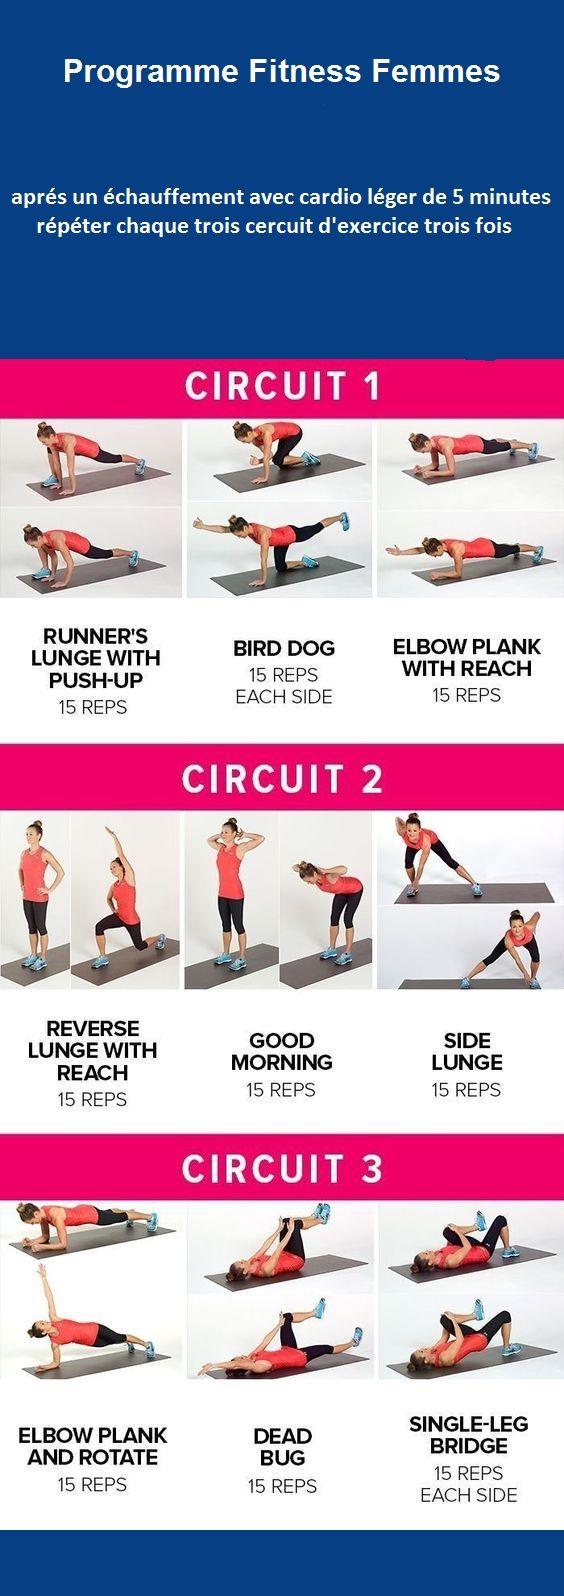 programme fitness femme maigrir